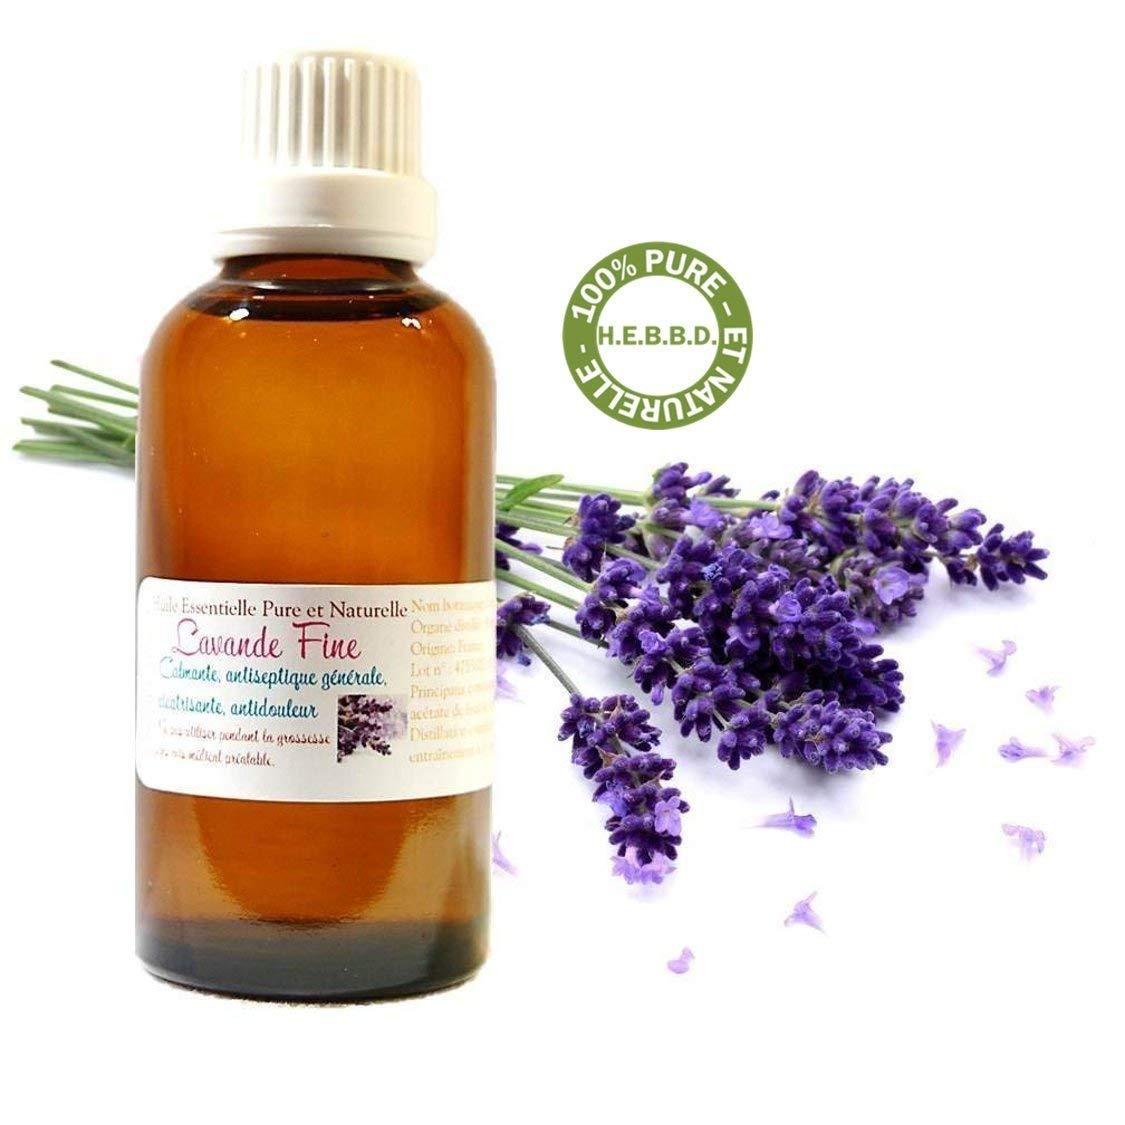 Huile Essentielle HEBBD de Lavande Fine (Lavande Vraie) de Provence (30ml) product image